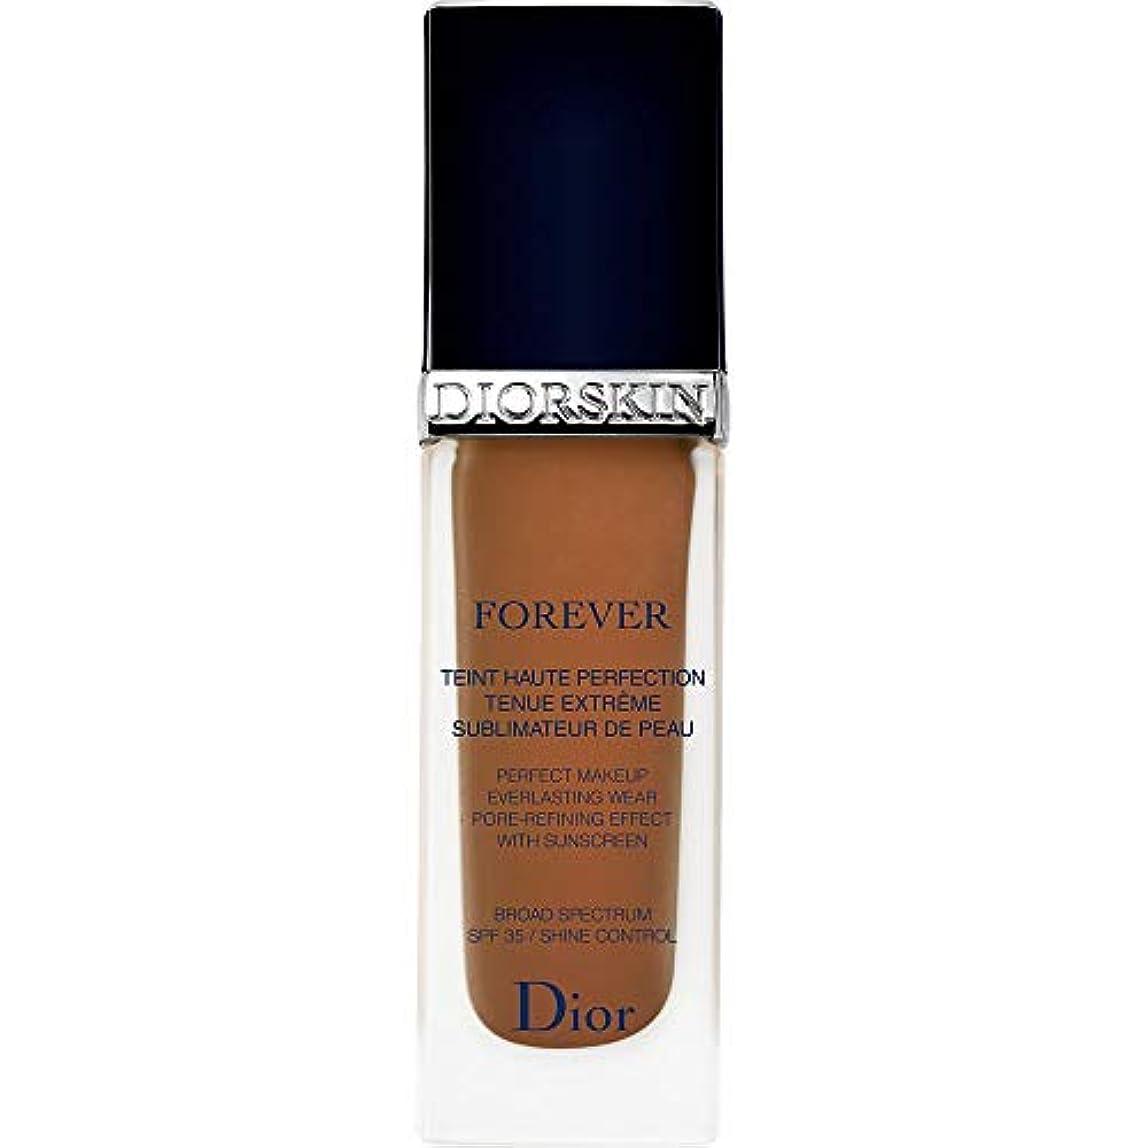 バーチャルの間でフェードアウト[Dior ] ディオールディオールスキン永遠基礎Spf35 30ミリリットル070 - ダークブラウン - DIOR Diorskin Forever Foundation SPF35 30ml 070 - Dark...